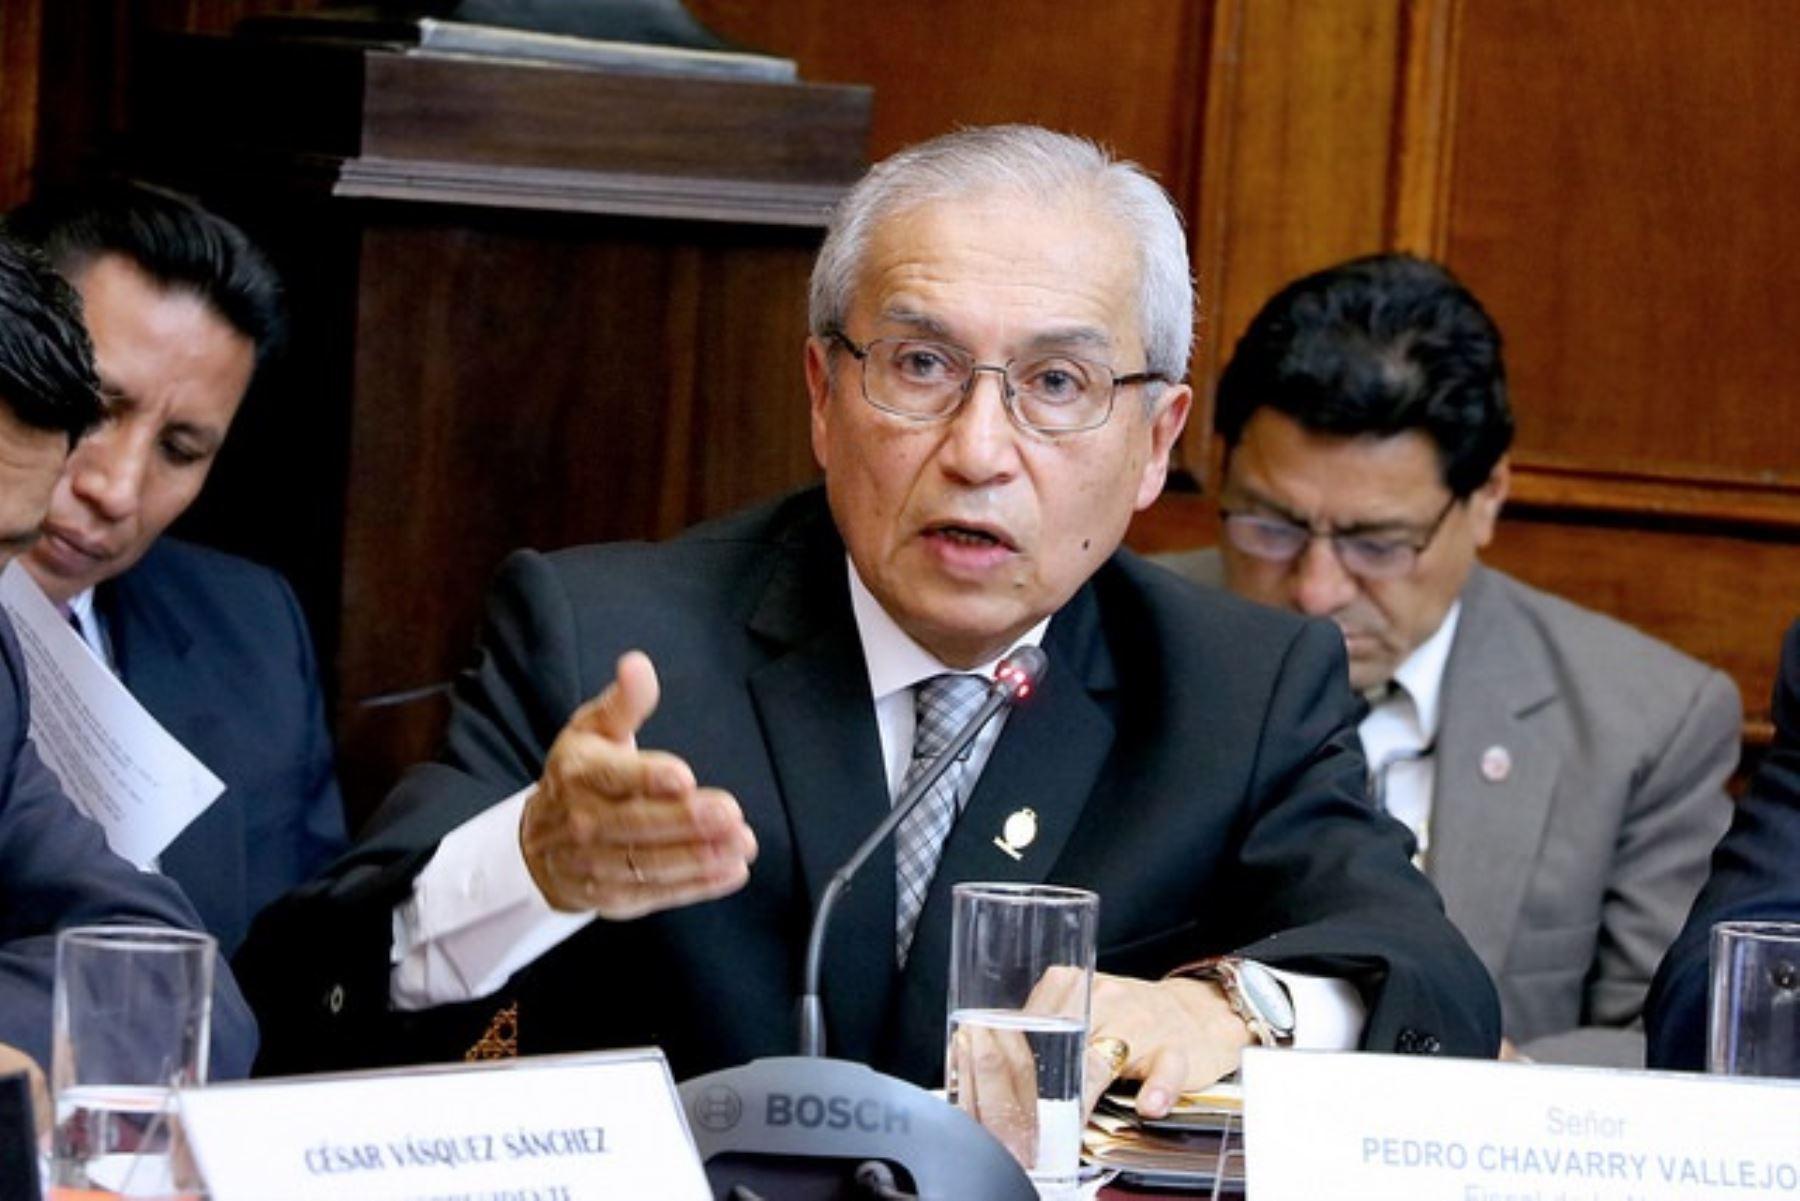 Juez archivó investigación  contra Pedro Chávarry